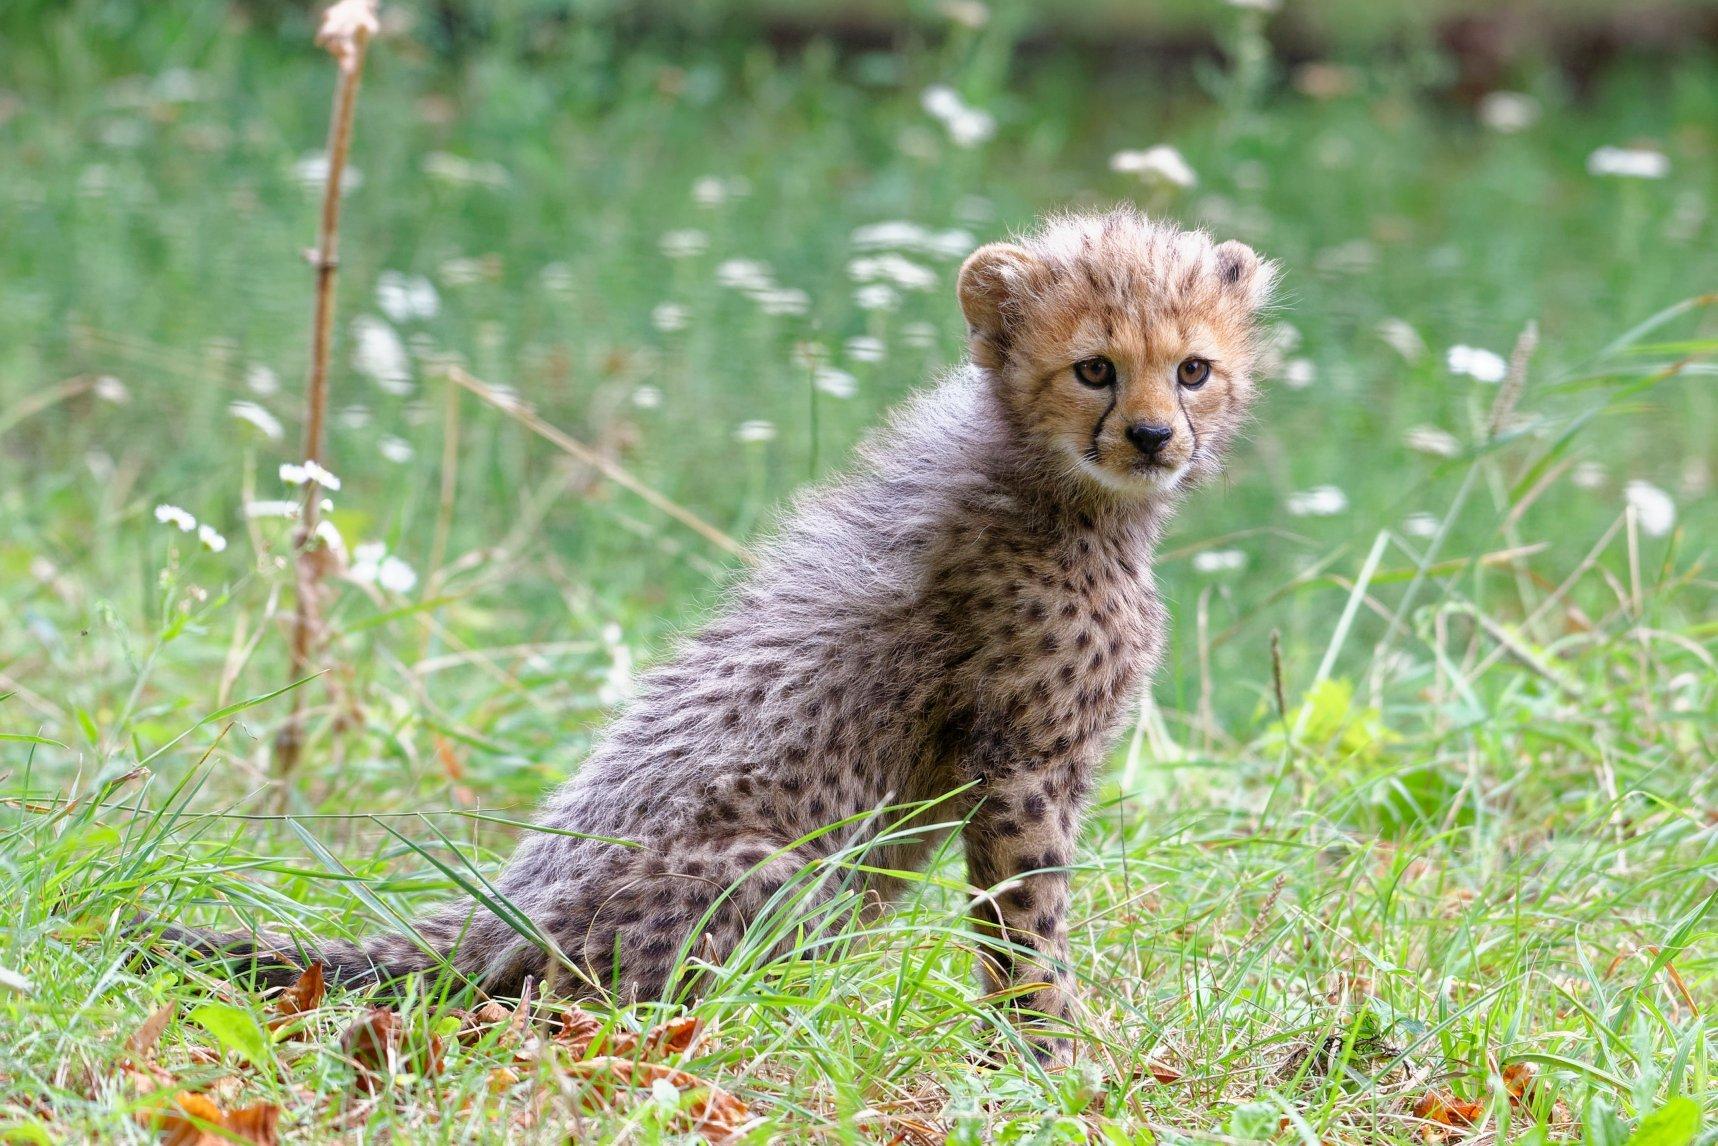 geparden nachwuchs zoo schönbrunn 2020-08-24